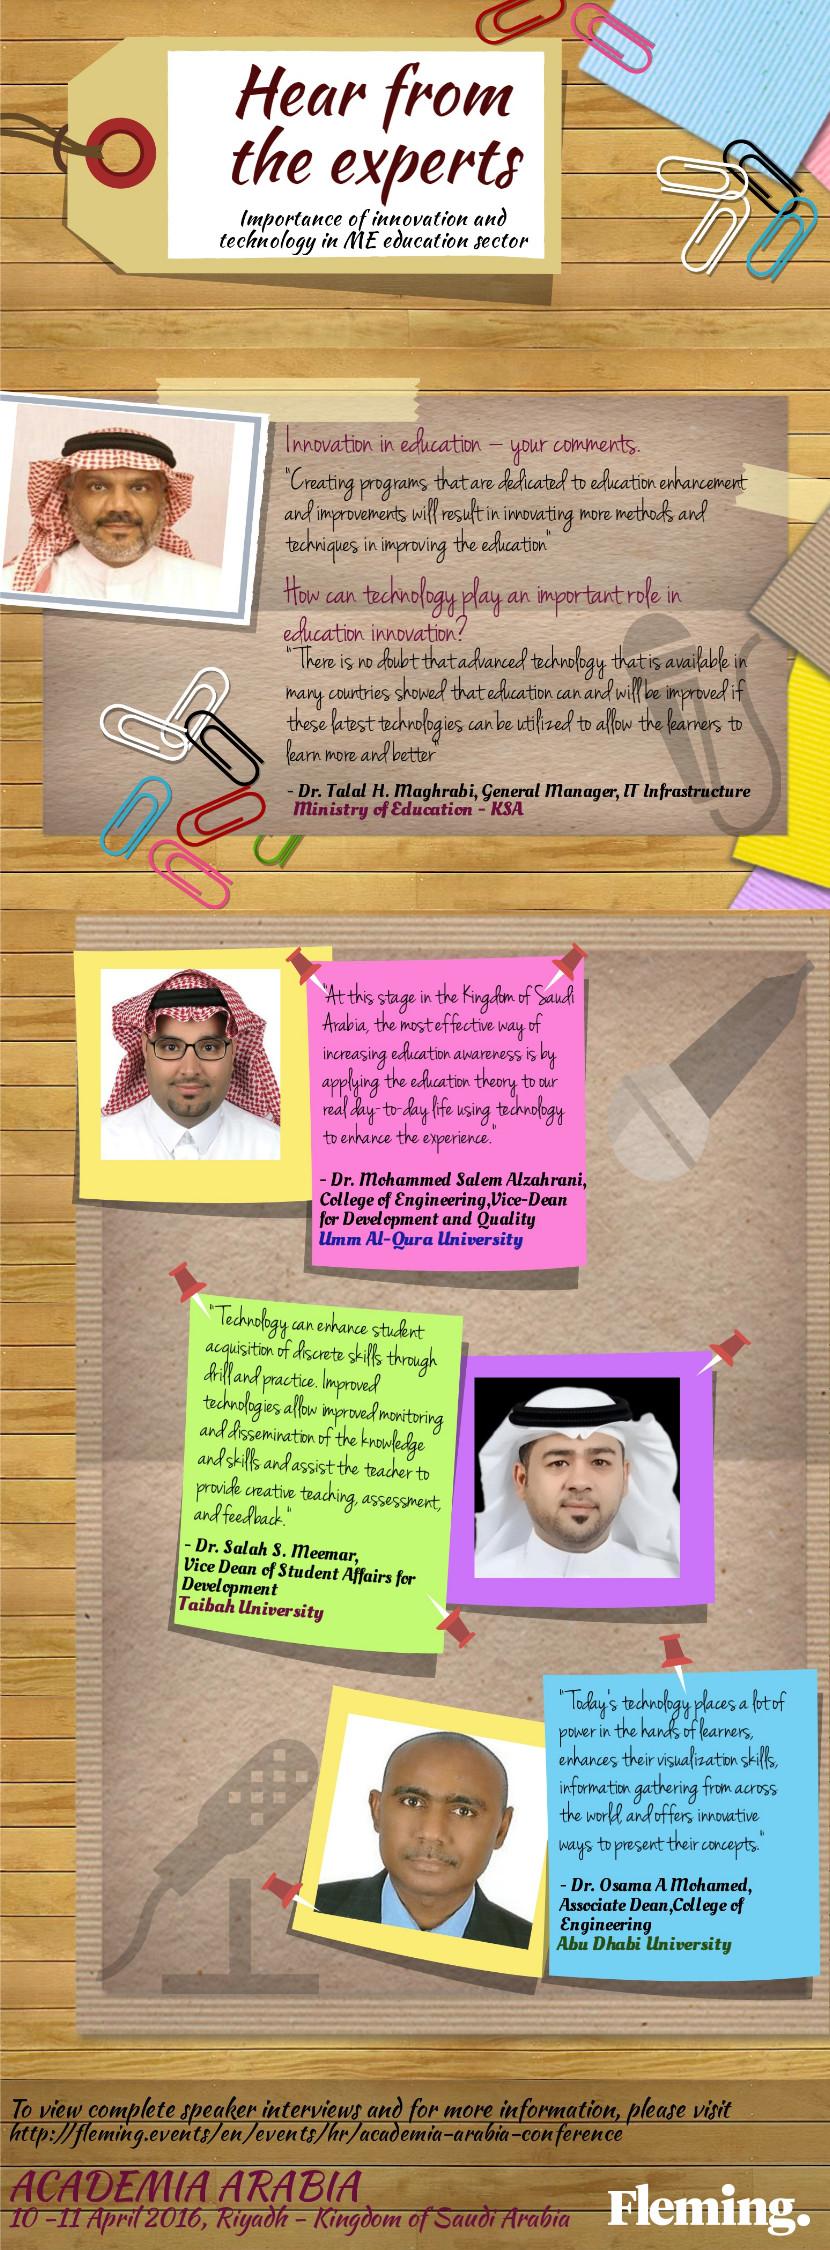 infographic Academia Arabia